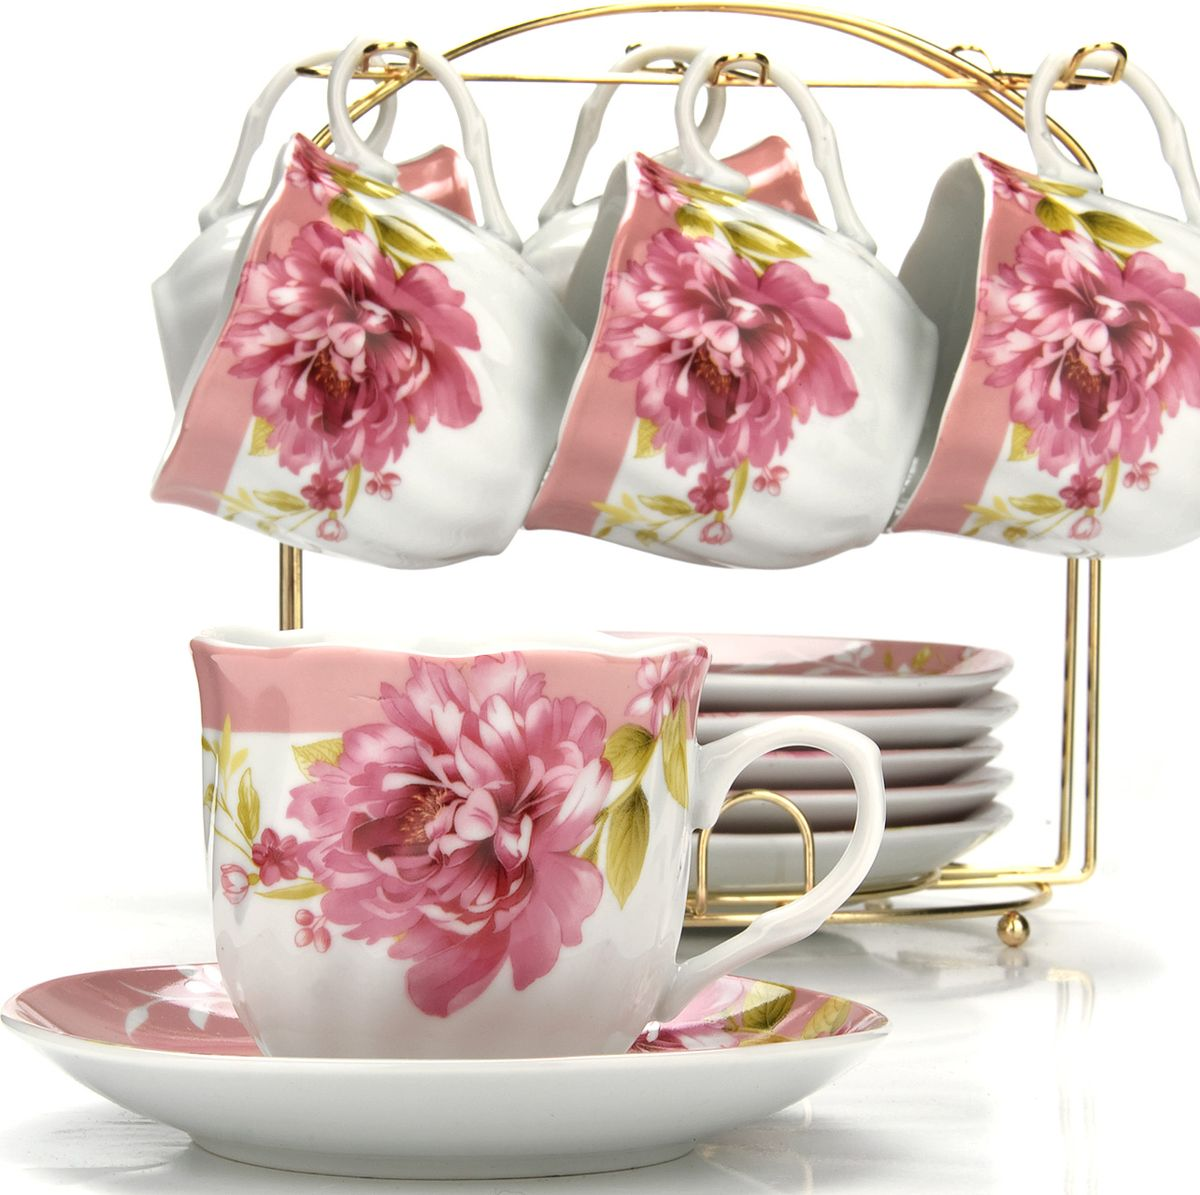 Сервиз чайный Loraine, на подставке, 13 предметов. 4328525941Чайный набор состоит из шести чашек, шести блюдец и металлической подставки. Предметы набора изготовлены из качественного фарфора и оформлены красочным рисунком, стенки чашек имеют изящную волнистую поверхность. Чайный набор идеально подойдет для сервировки стола и станет отличным подарком к любому празднику. Все изделия можно компактно хранить на подставке, входящей в набор. Подходит для мытья в посудомоечной машине.Диаметр чашки: 8 см.Высота чашки: 7 см.Объем чашки: 200 мл.Диаметр блюдца: 13,5 см.